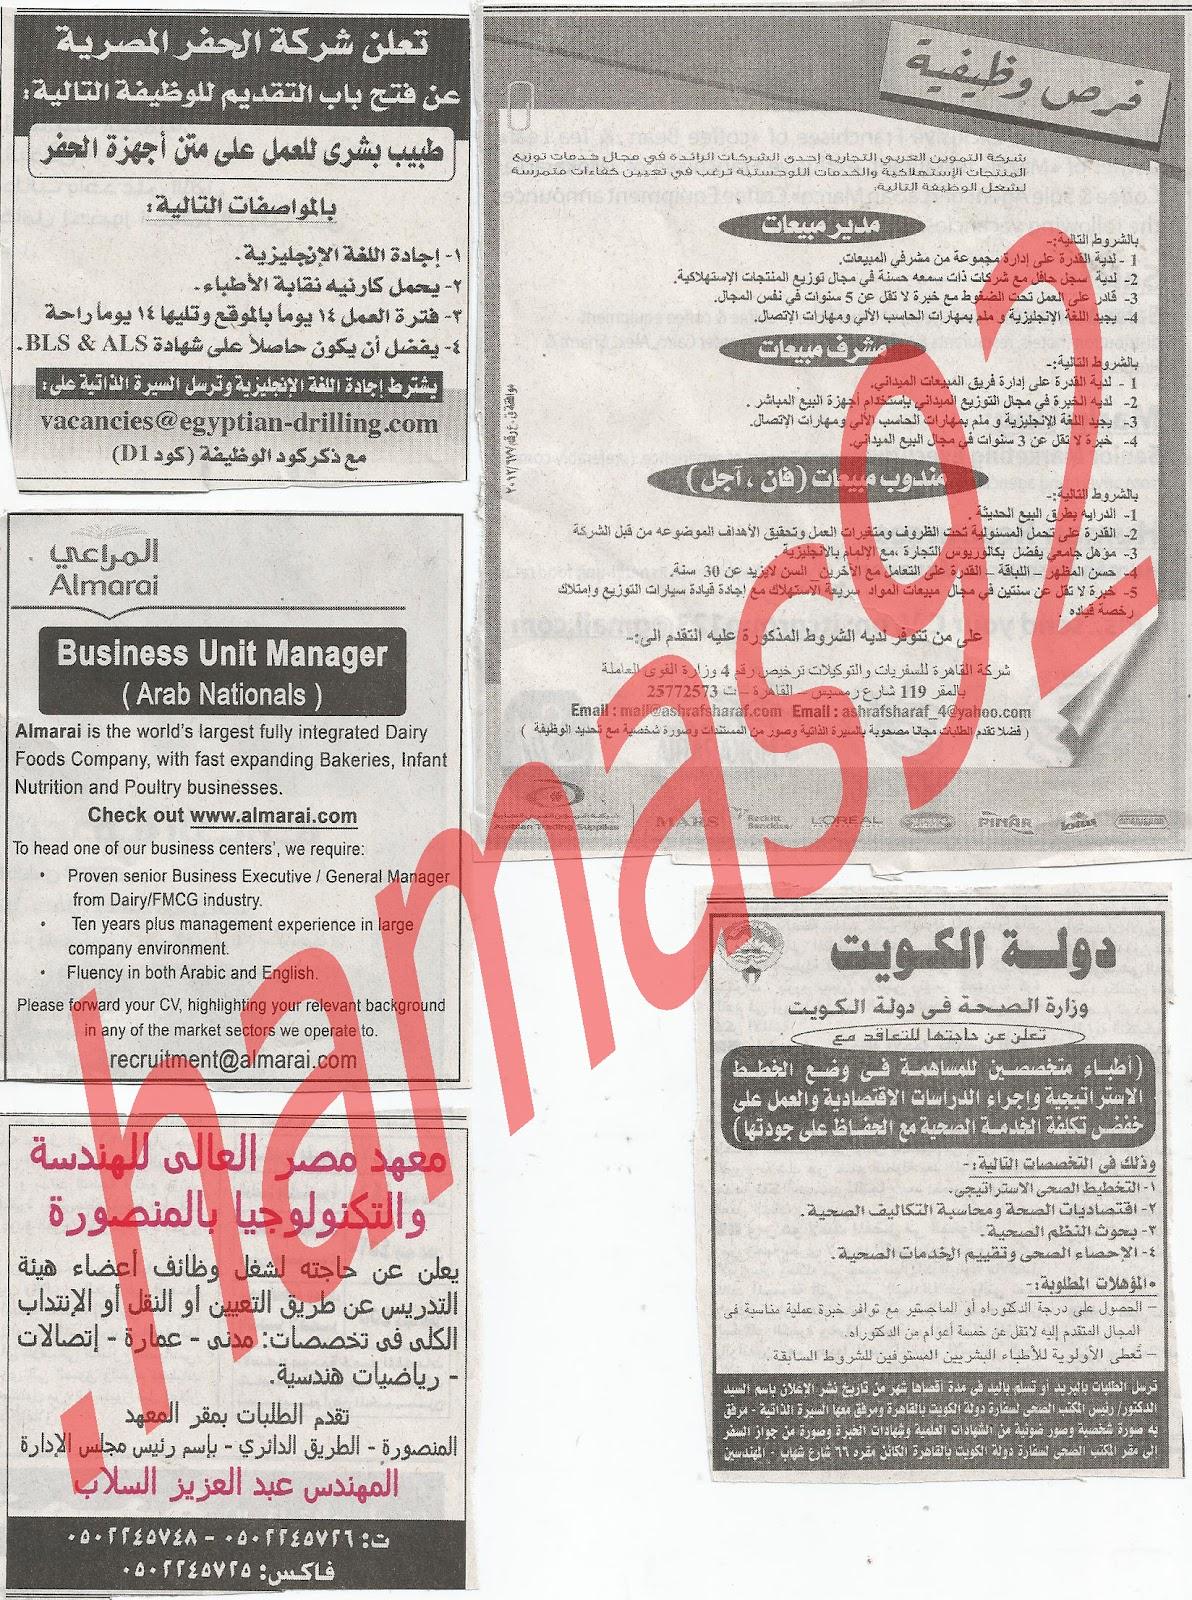 وظائف جريدة الاهرام الجمعة 20/7/2012 - الاعلانات كاملة 12